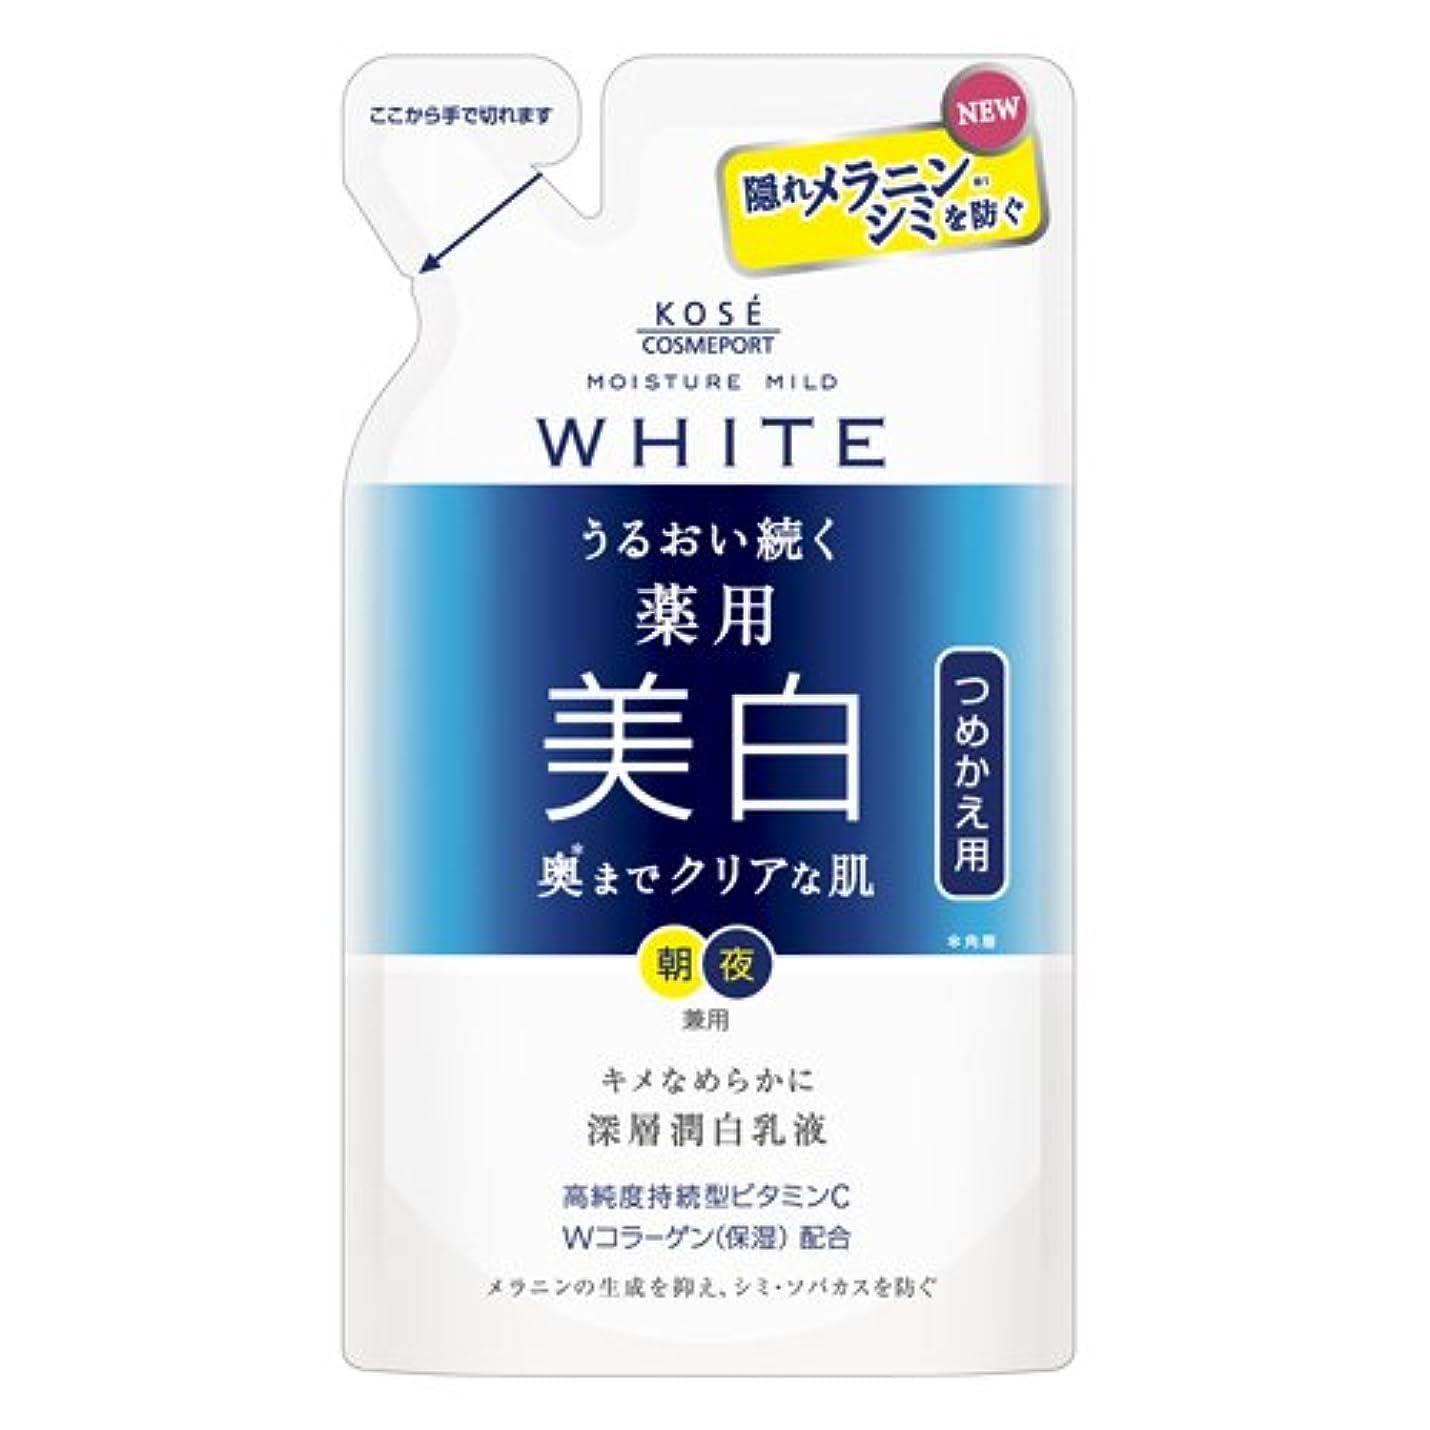 月曜日挨拶四分円KOSE コーセー モイスチュアマイルド ホワイト ミルキィローション つめかえ 125ml